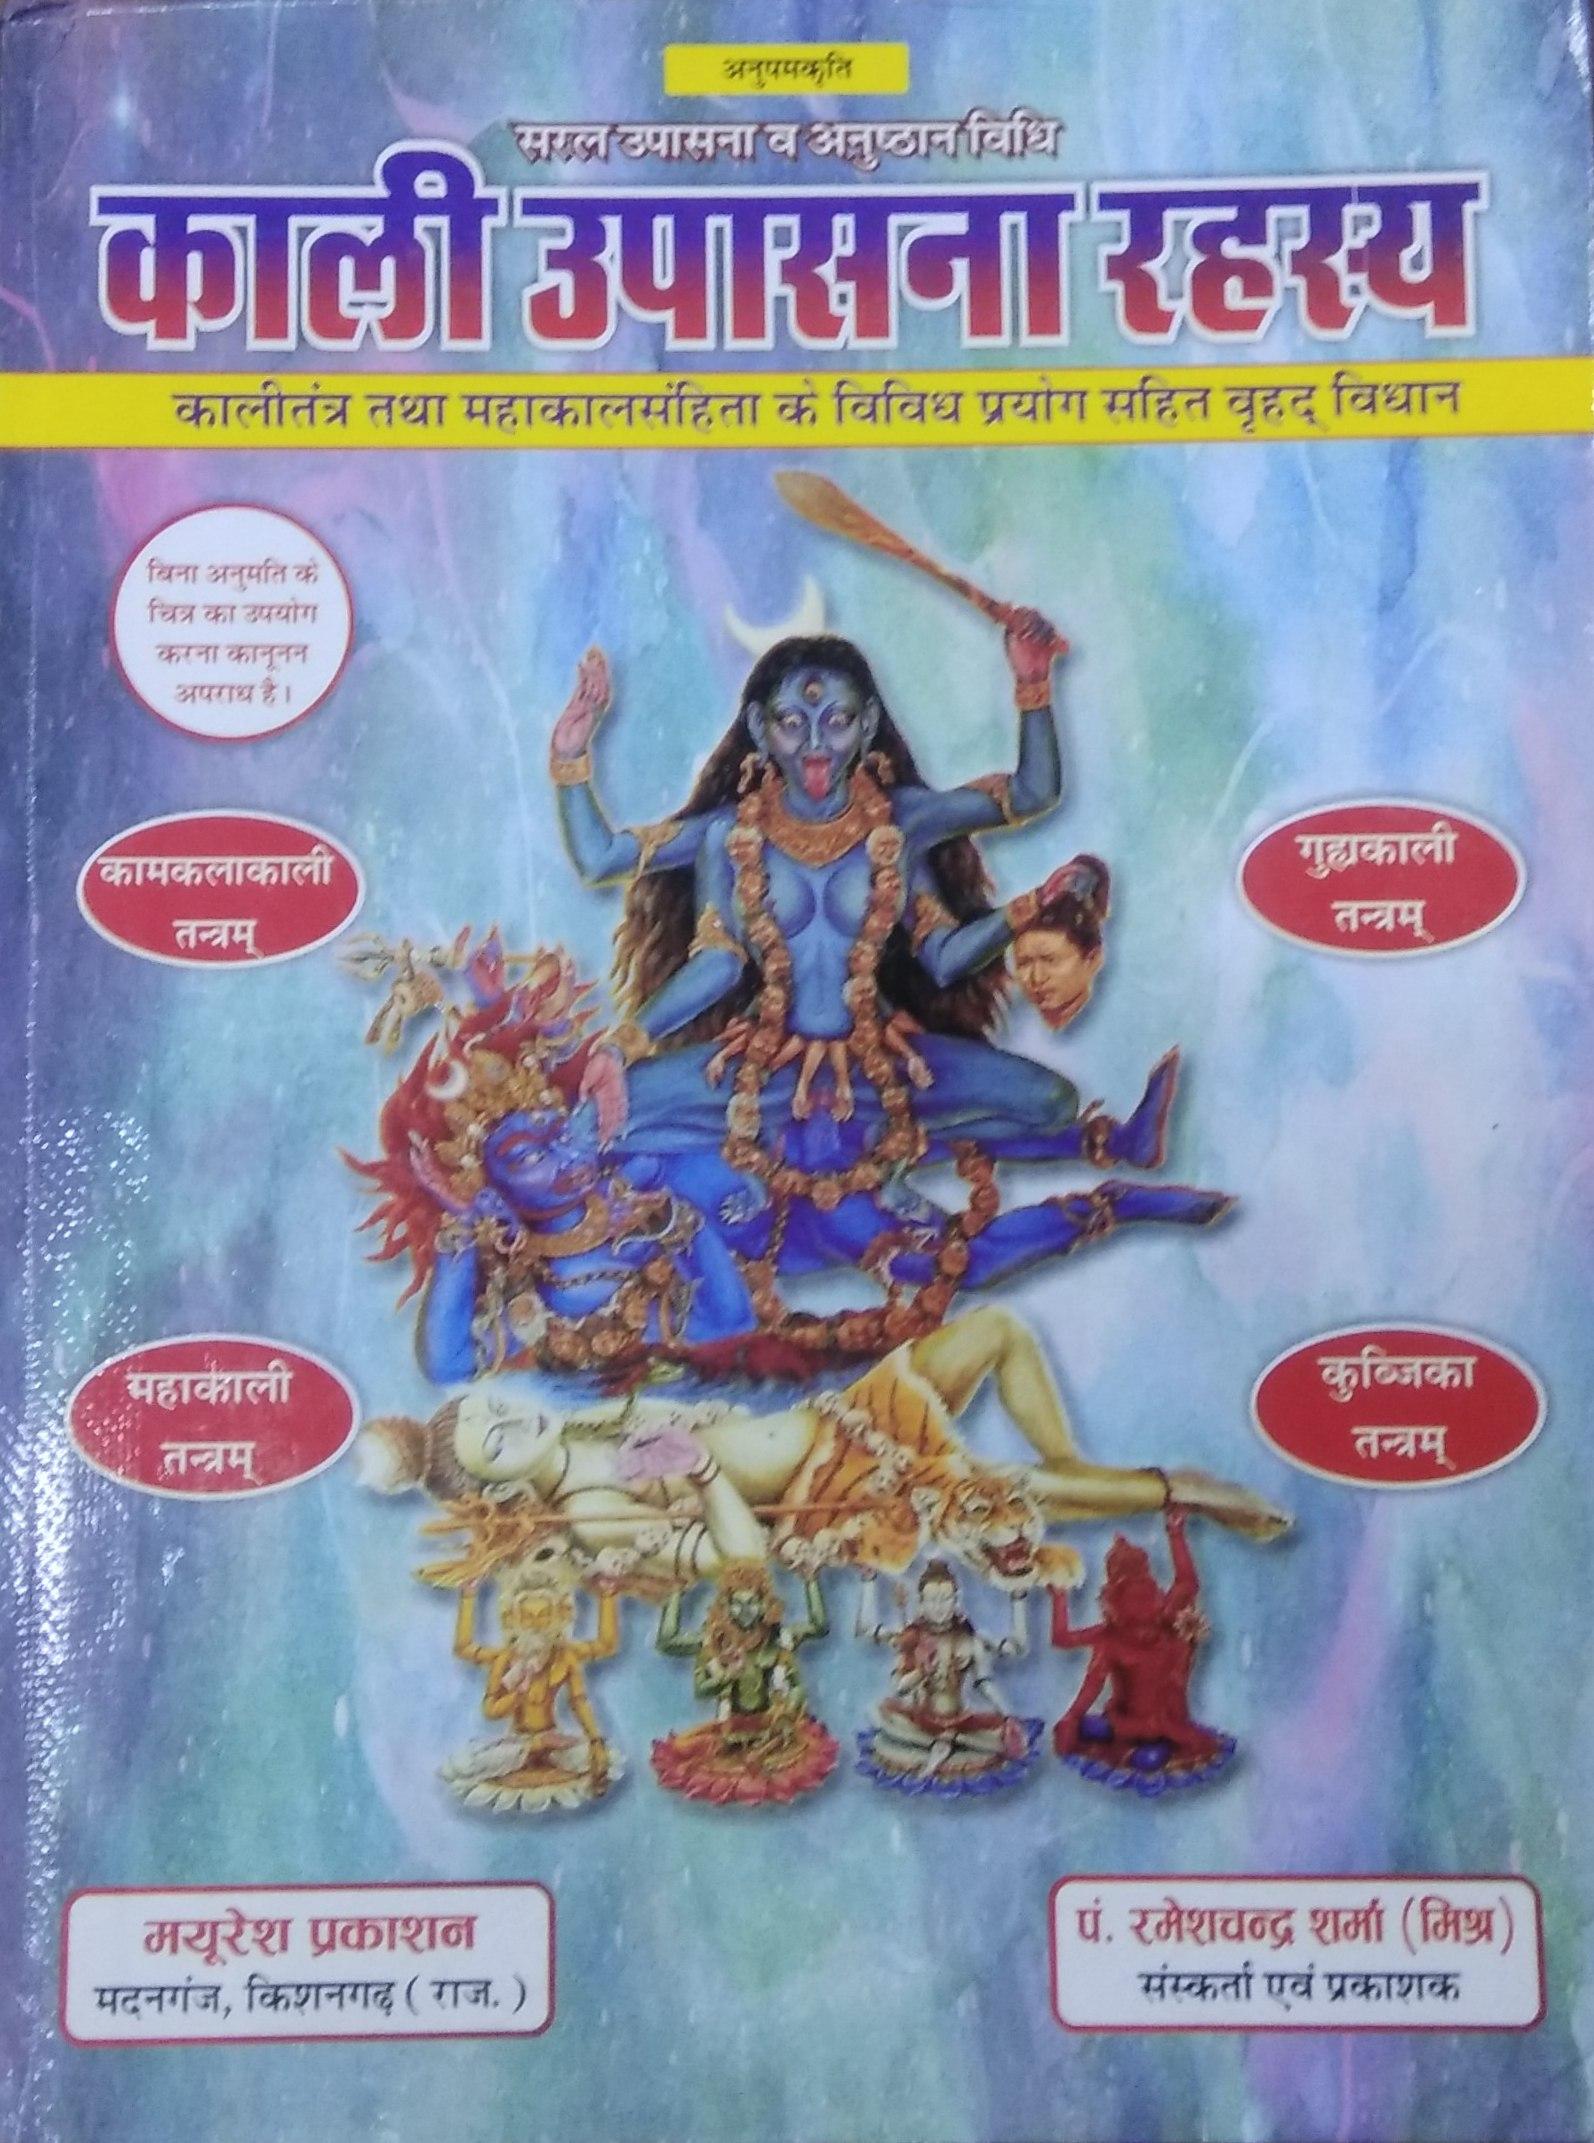 Kali Upasana Rahsaya (Kalitantra tatha Mahakalsamh…